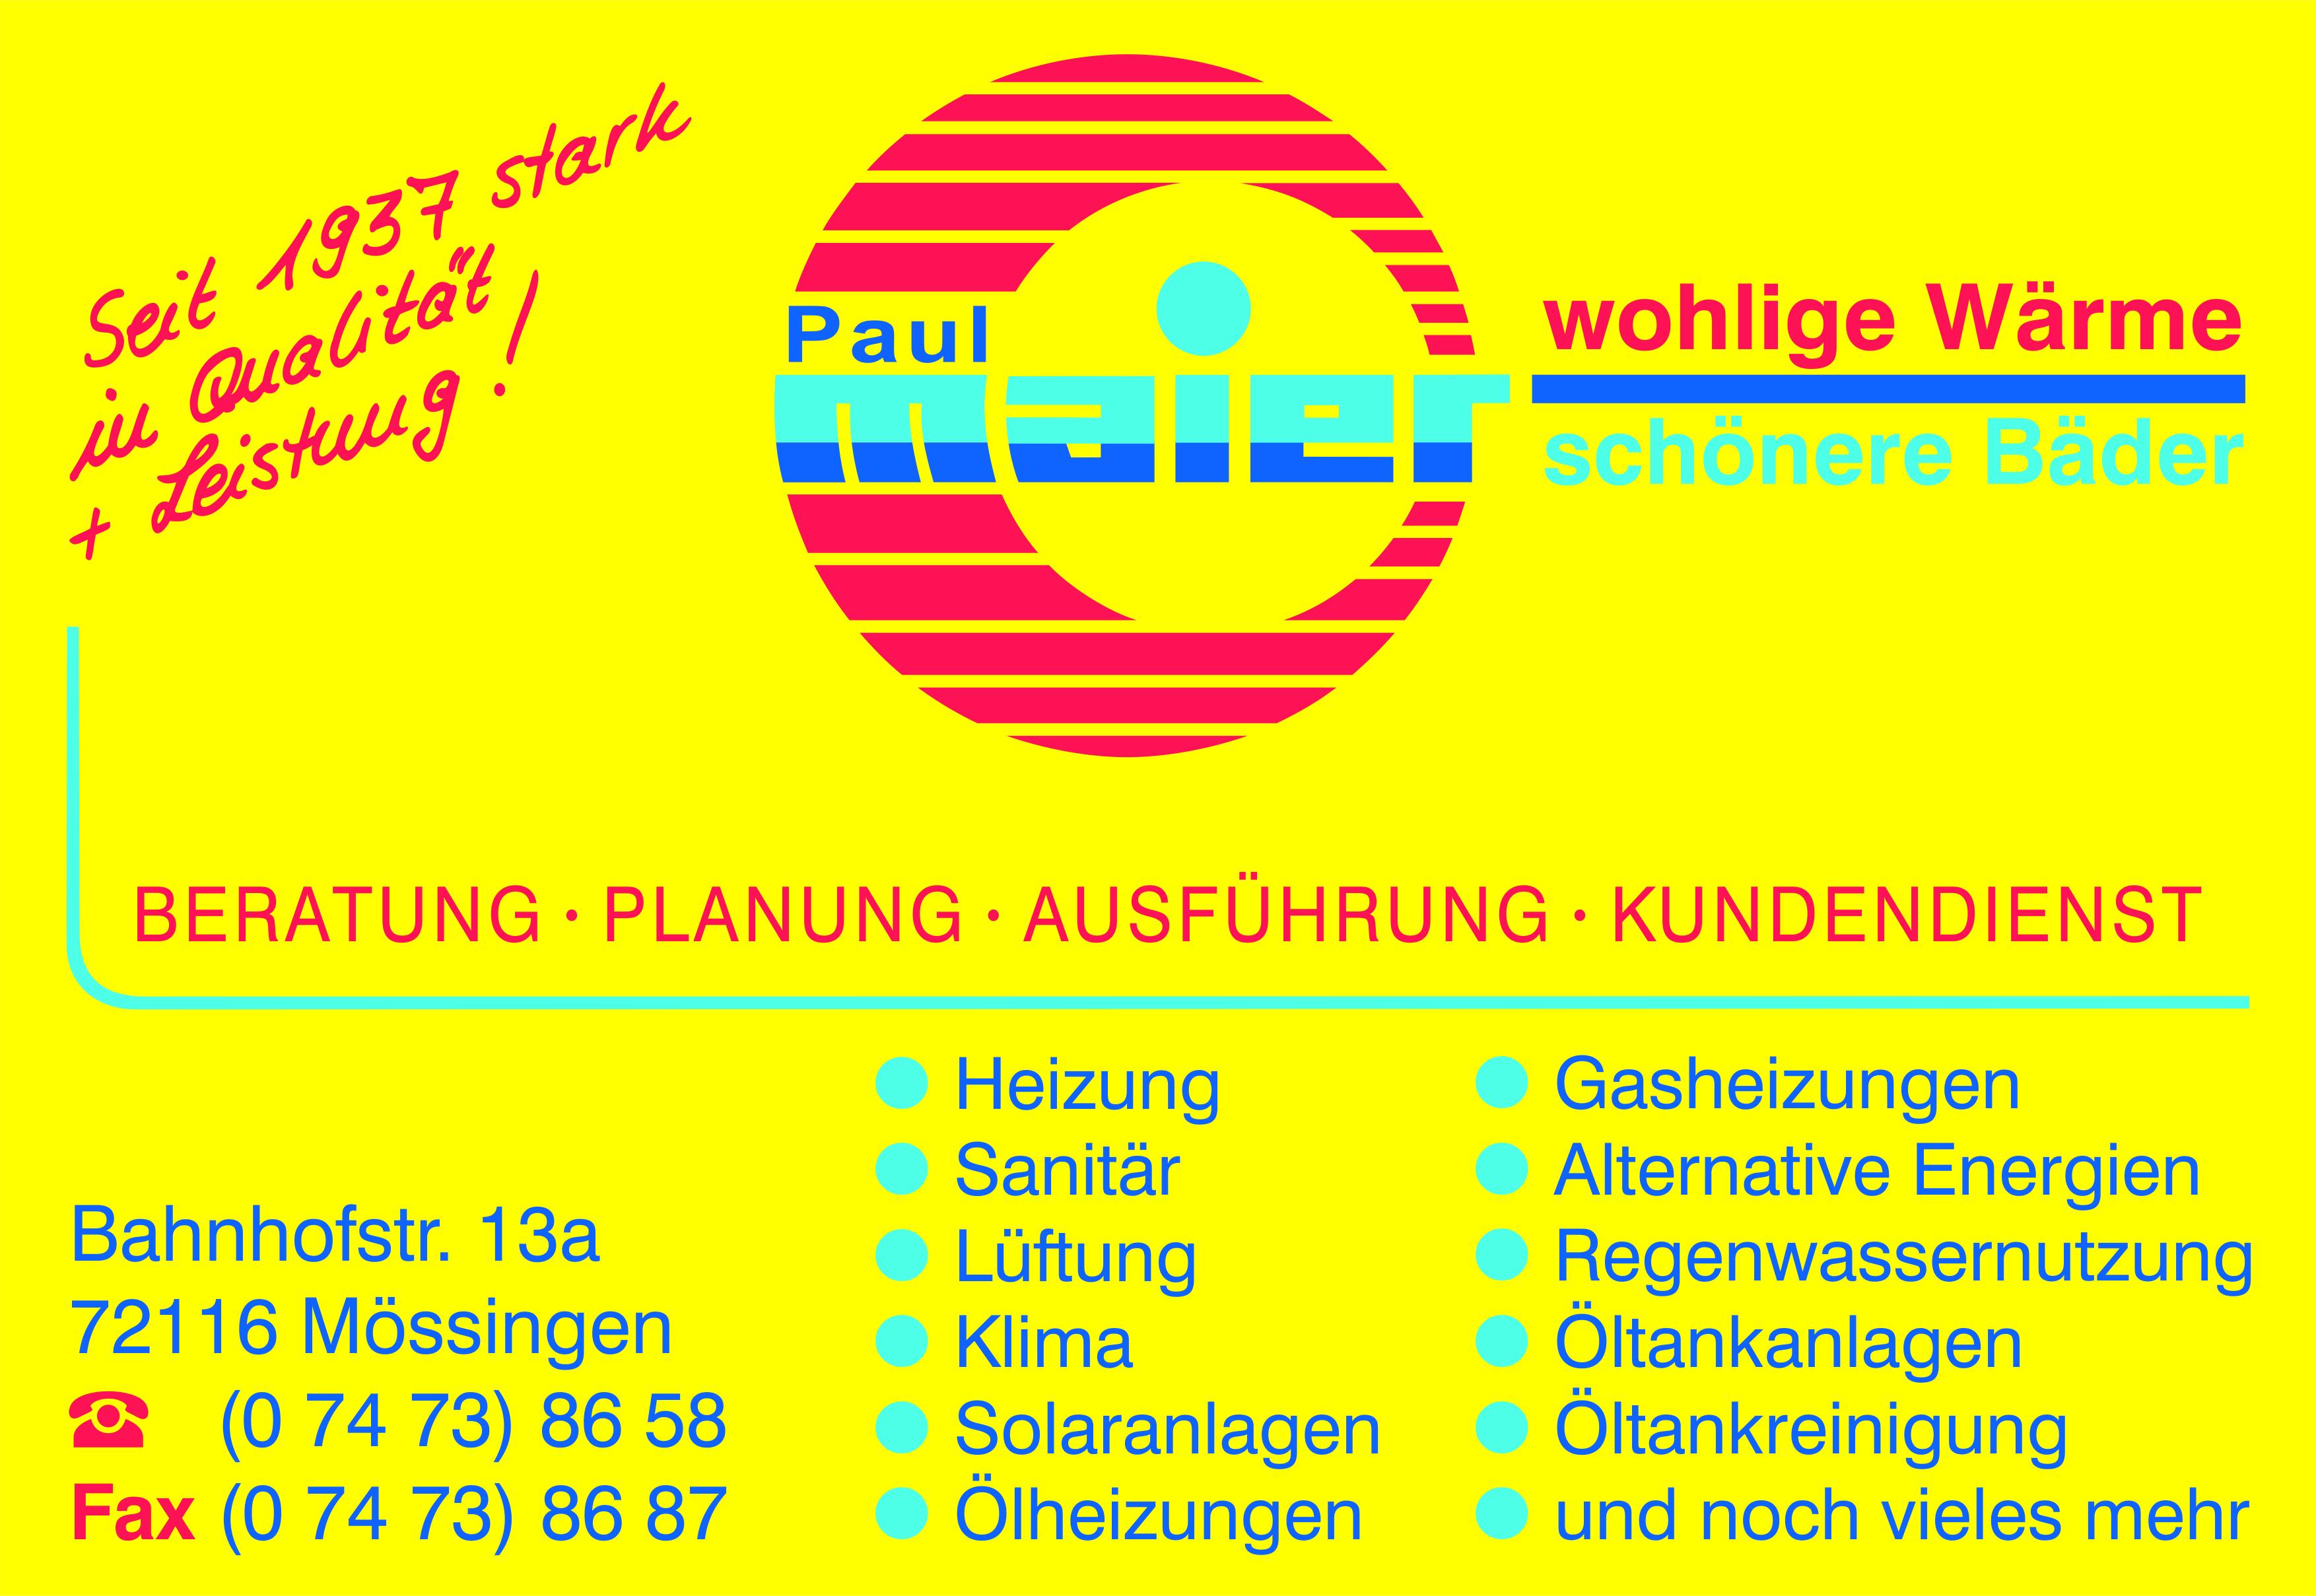 Paul Maier wohlige Wärme - schöne Bäder